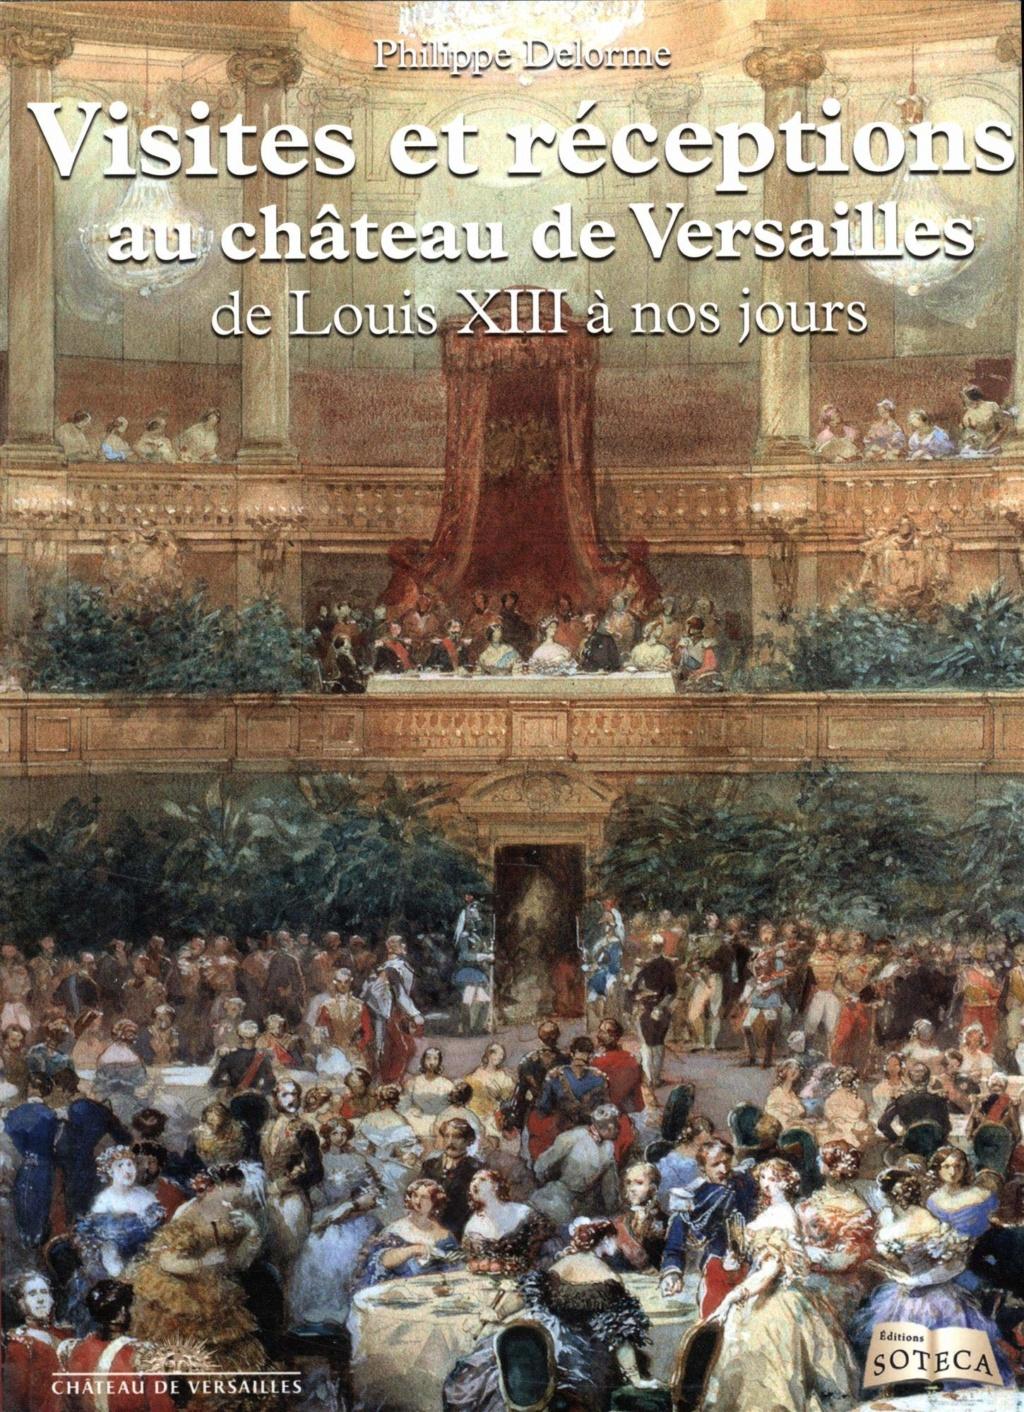 Visites et Réceptions au Château de Versailles de Louis XIII à nos jours de P. delorme 91t31l10